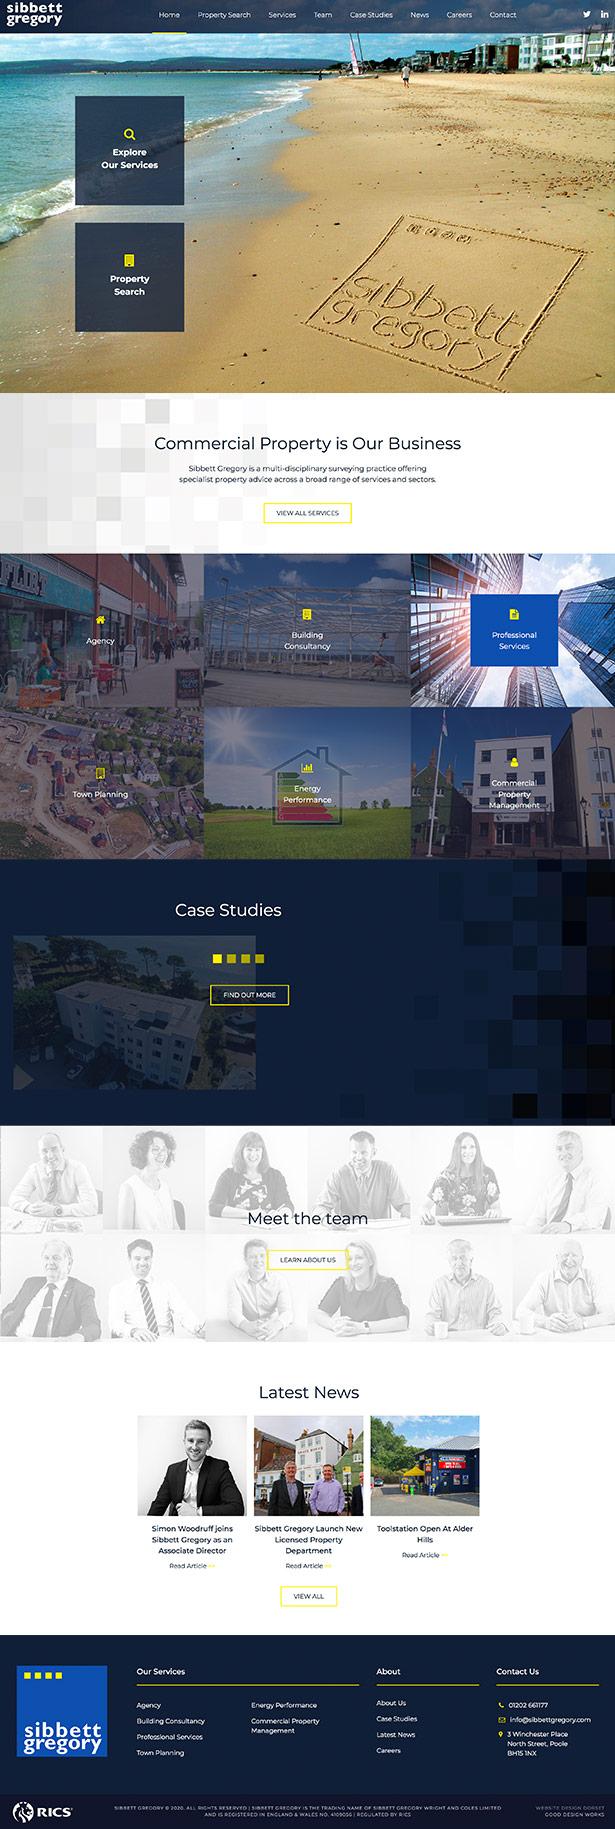 Sibbette Gregory Website Design